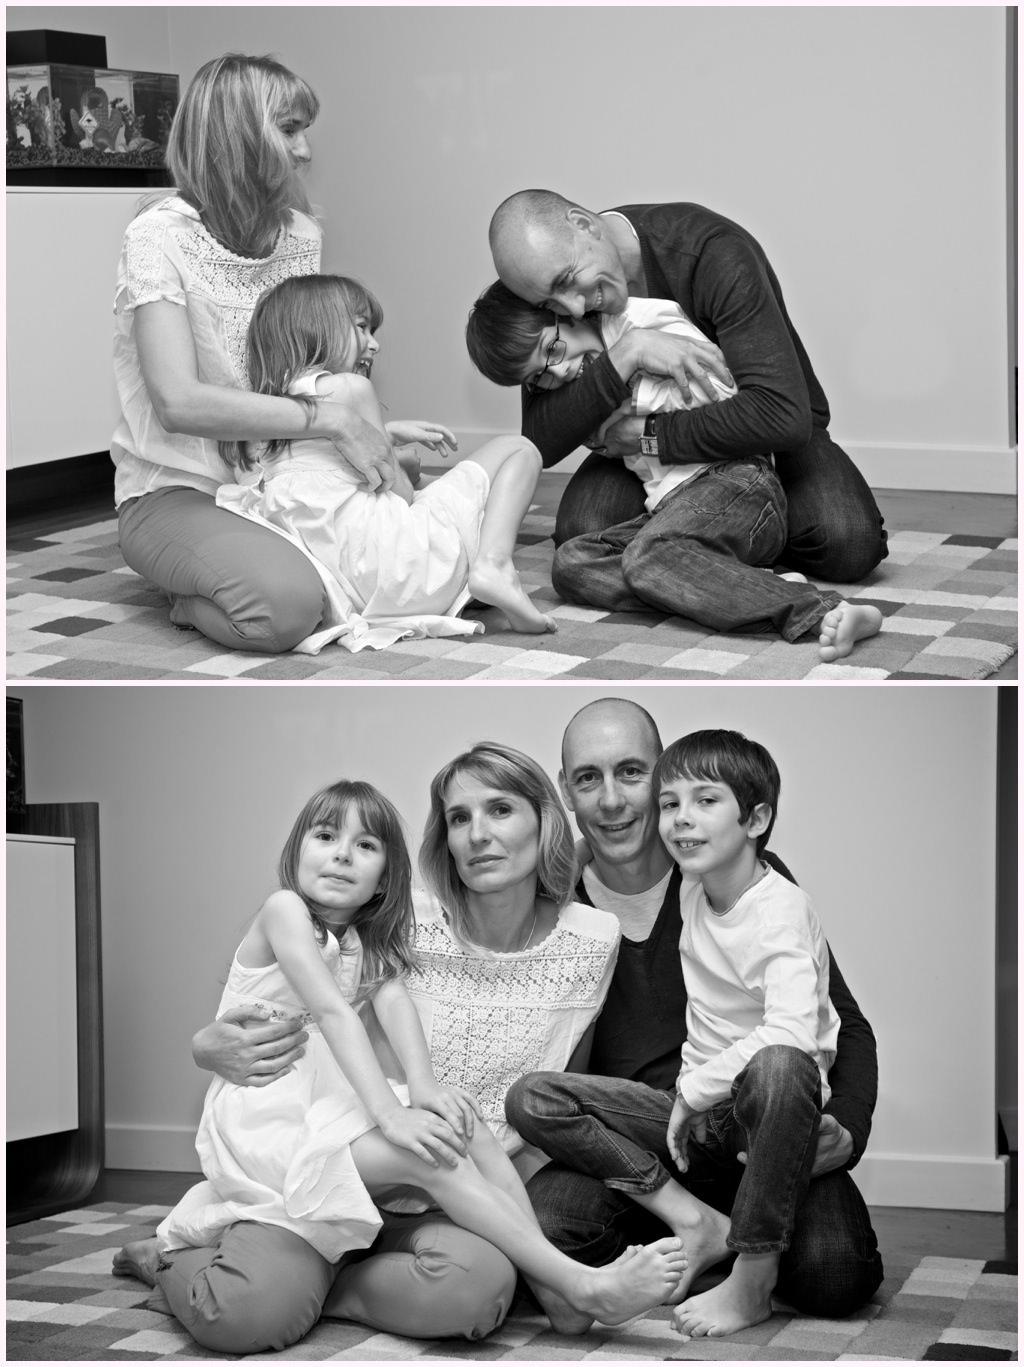 photographe lyon photo famille frère et soeur